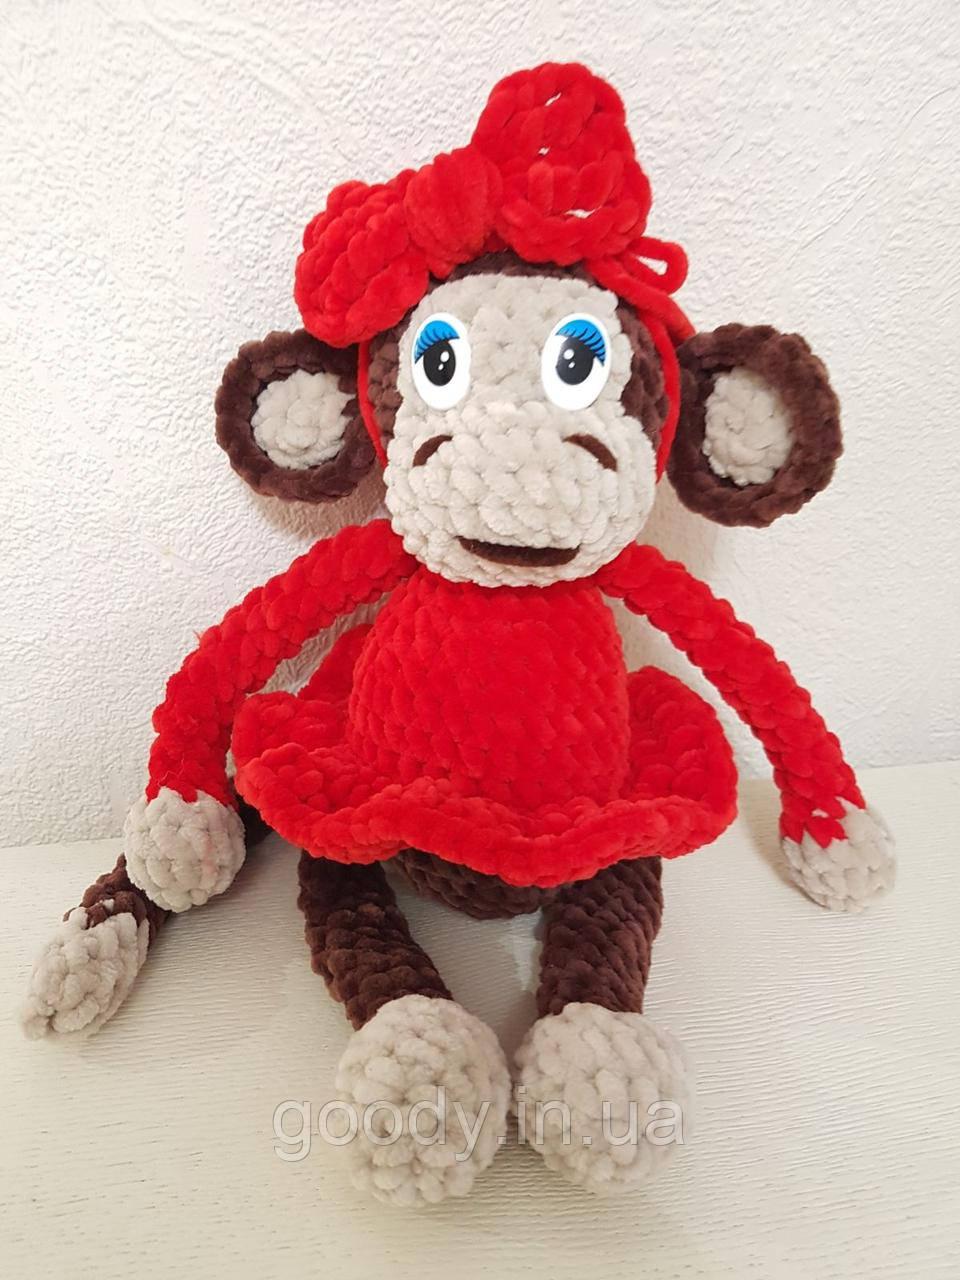 М'яка іграшка мавпа із плюшевої пряжі 30 cm